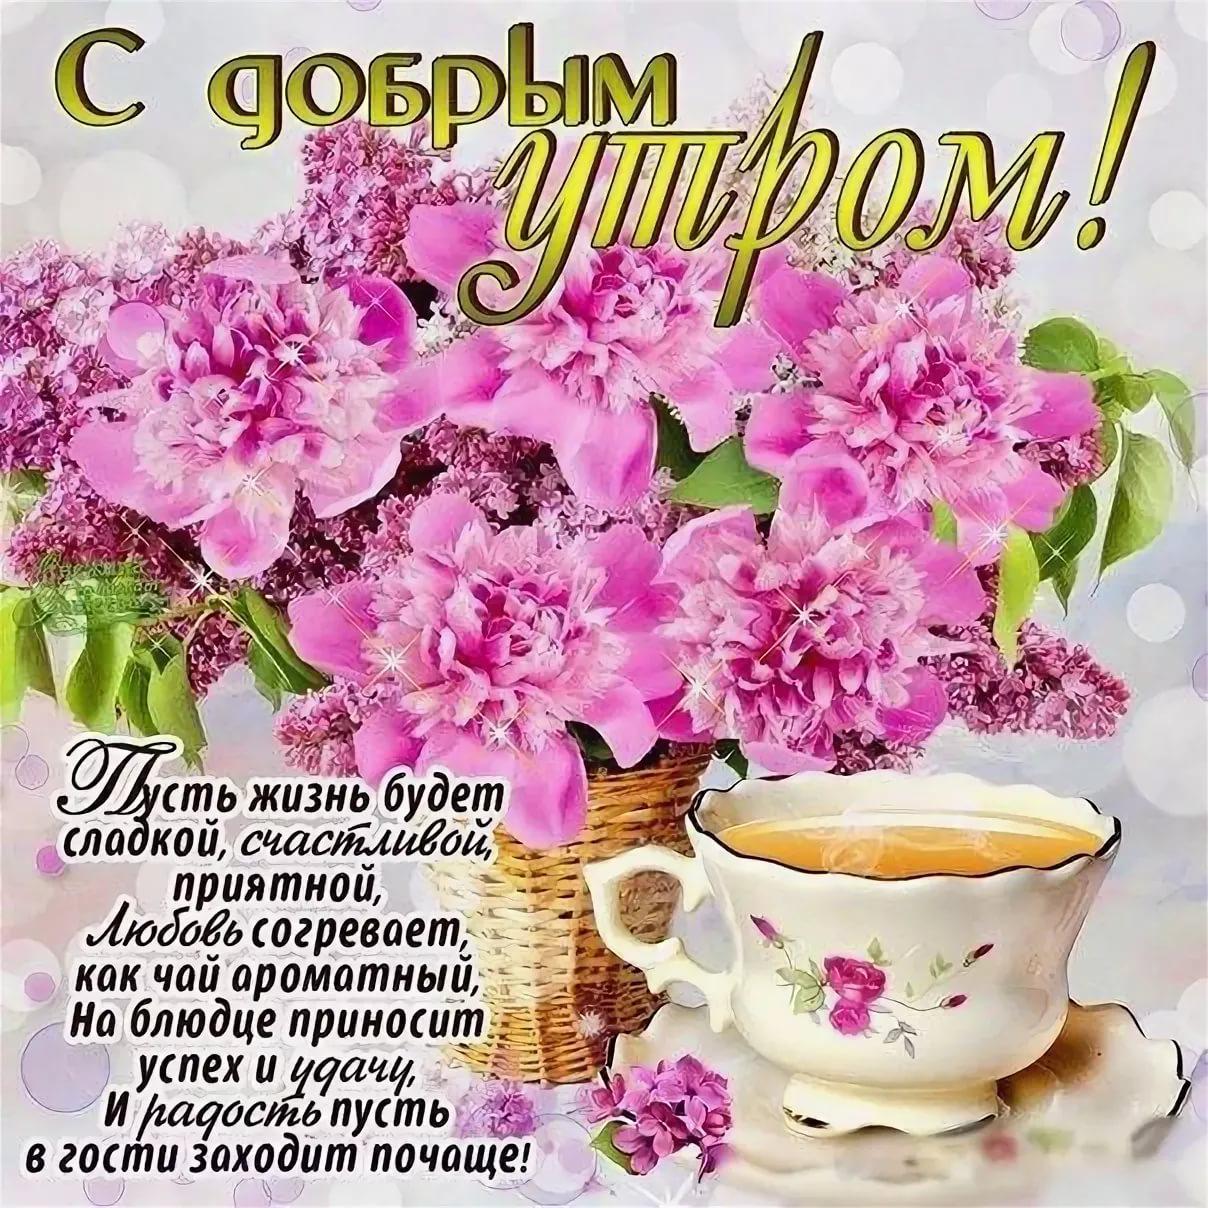 Днем, картинки с пожеланием доброго утра и хорошего дня женщине